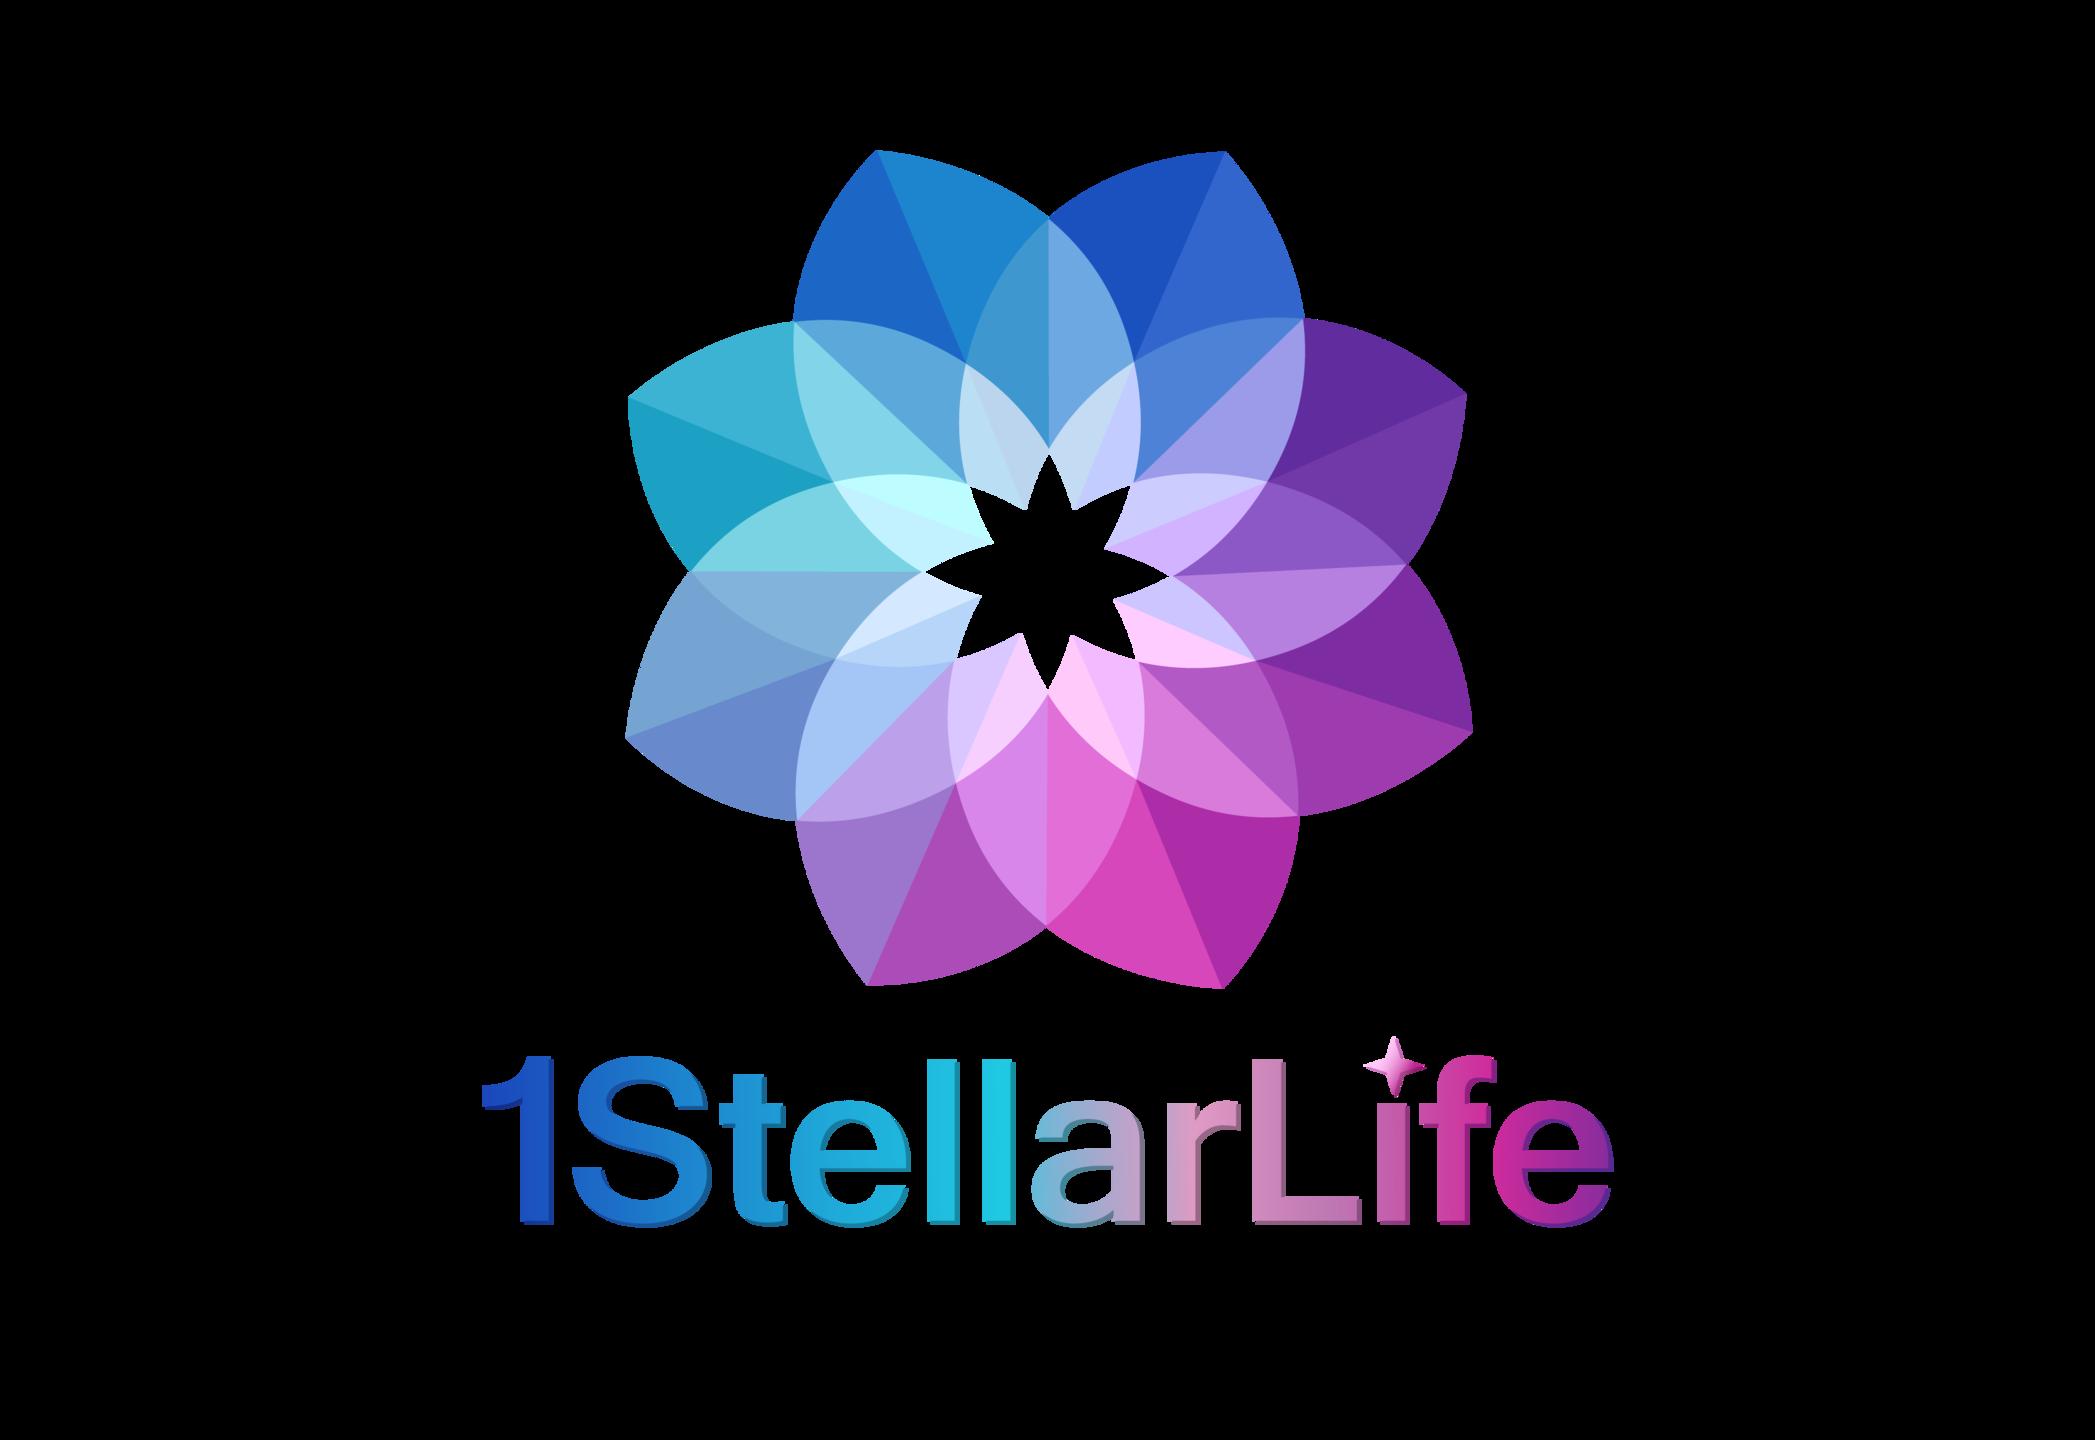 1StellarLife logo